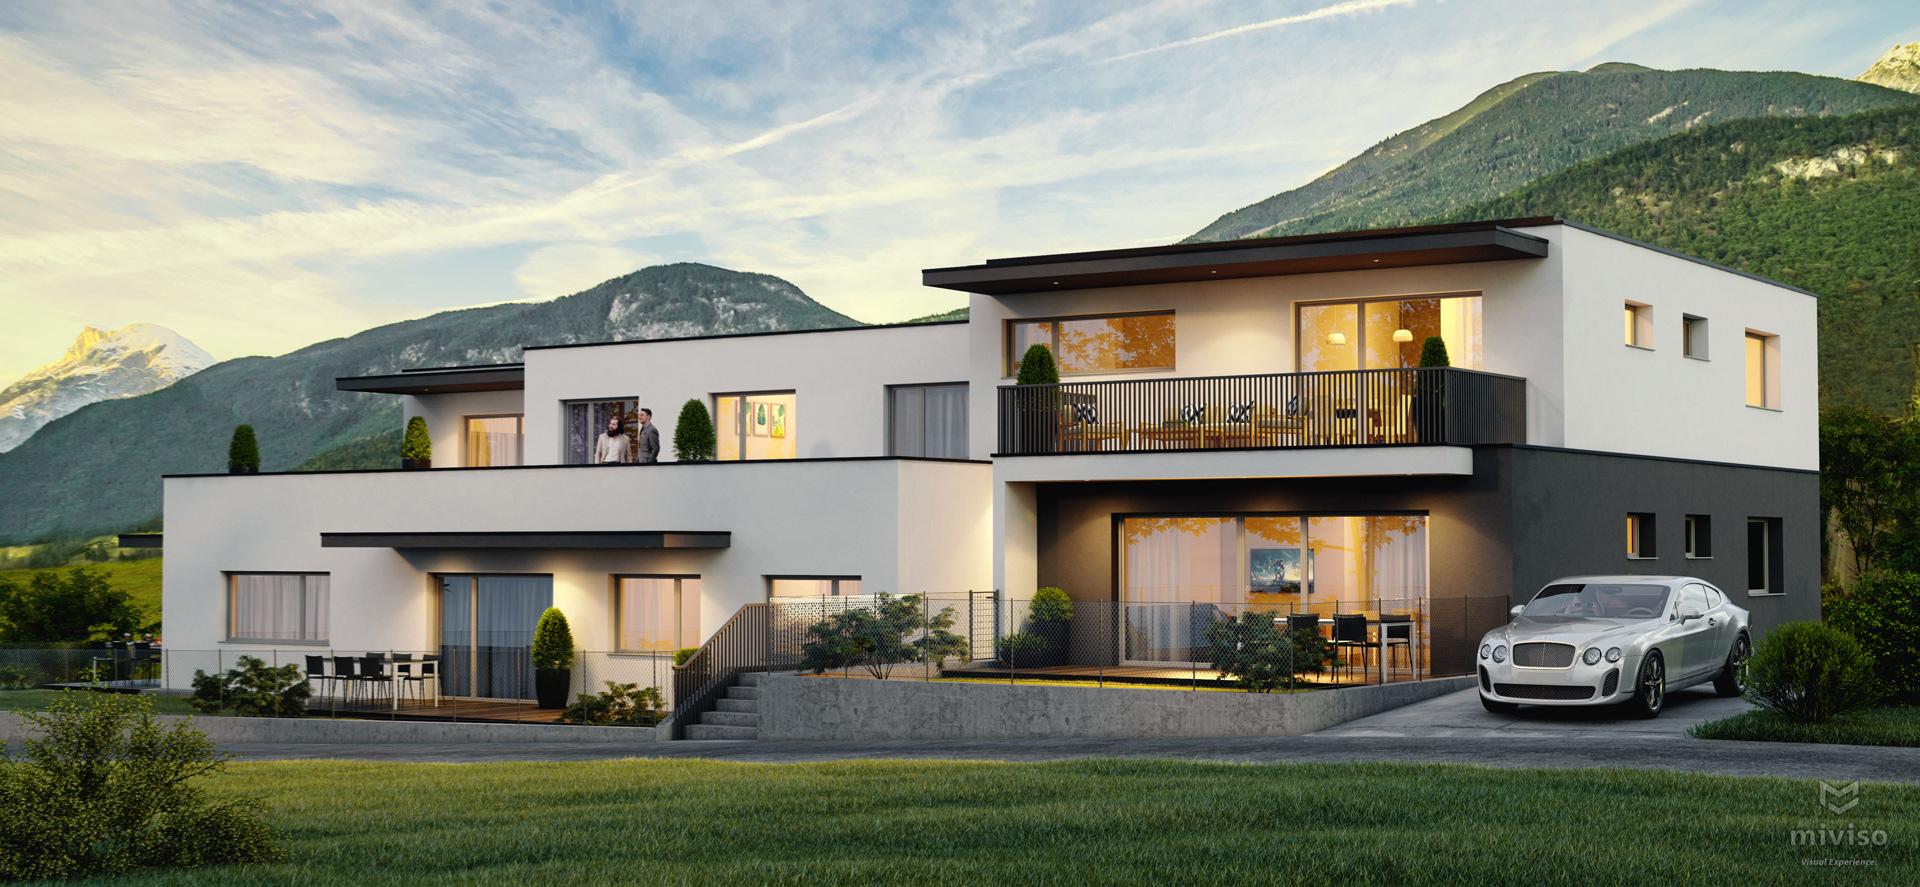 Wohnbauprojekt Inzing Tirol - Ansicht front - Auer & Steiner